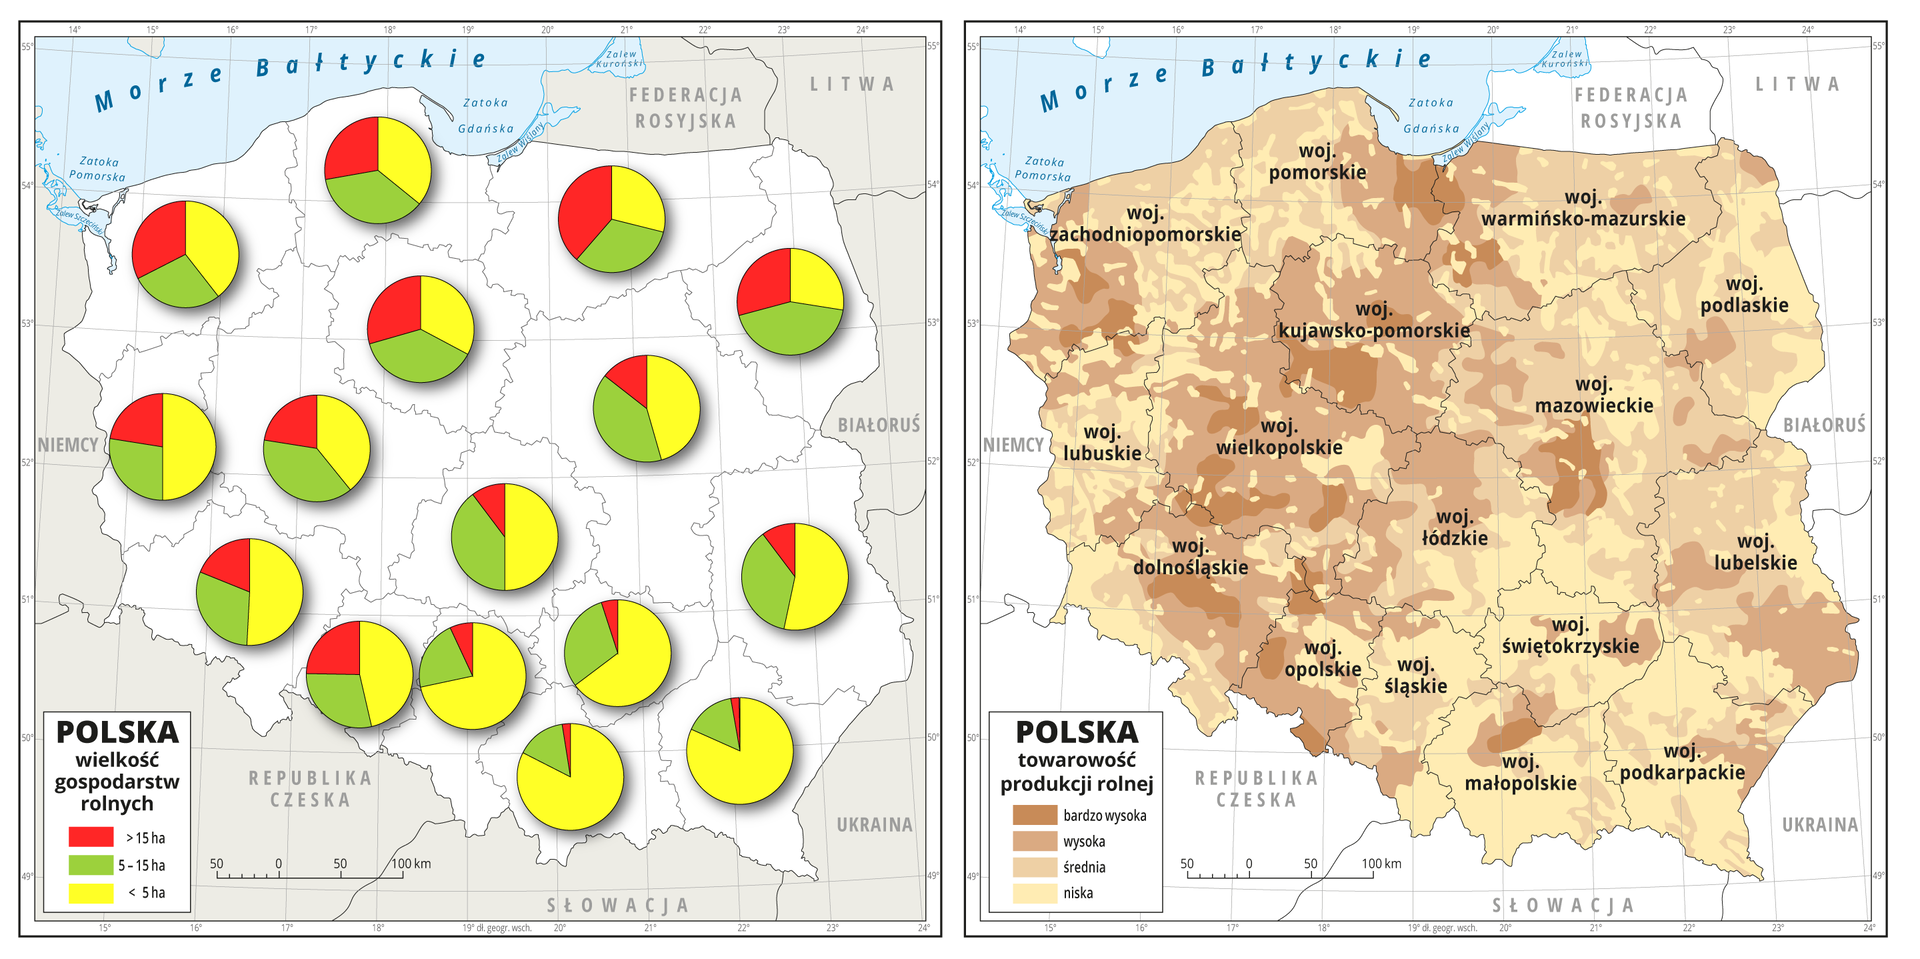 Ilustracja przedstawia dwie mapy Polski zpodziałem na województwa. Na pierwszej diagramami kołowymi przedstawiono wielkość gospodarstw rolnych wposzczególnych województwach. Wpółnocno-zachodniej części kraju gospodarstwa duże – powyżej piętnastu hektarów, średnie – od pięciu do piętnastu hektarów imałe – poniżej pięciu hektarów – występują wpodobnych ilościach. Na wchodzie ipołudniu przeważają gospodarstwa małe – poniżej pięciu hektarów. Na drugiej mapie pokazany jest stopień towarowości rolnictwa. Największa towarowość jest wpasie od Żuław, poprzez Kujawy iWielkopolskę po Dolny Śląsk iŚląsk Opolski, oraz wzachodniej części województwa zachodniopomorskiego iwcentralnej części Mazowsza. Niska towarowość przeważa wMałopolsce